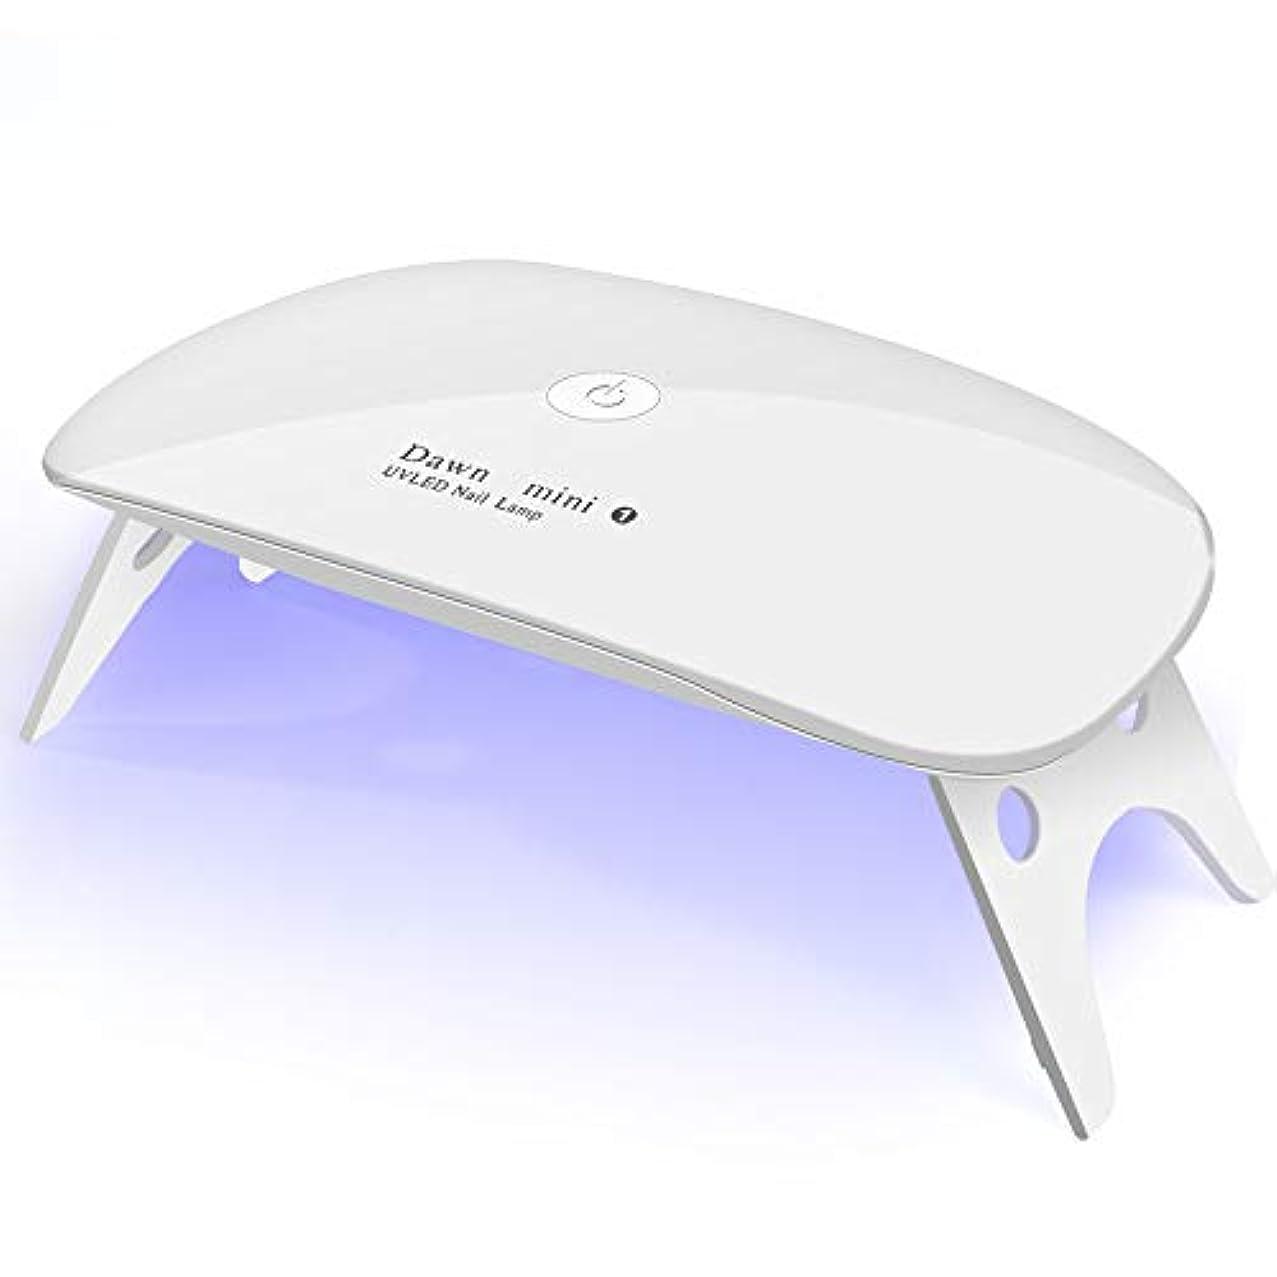 フリッパー強調ボトルUVライト LEDネイルドライヤー ジェルネイルLEDライト 硬化ライト タイマー設定可能 折りたたみ式手足とも使える 人感センサー式 UV と LEDダブルライト ジェルネイル用 (ホワイト )